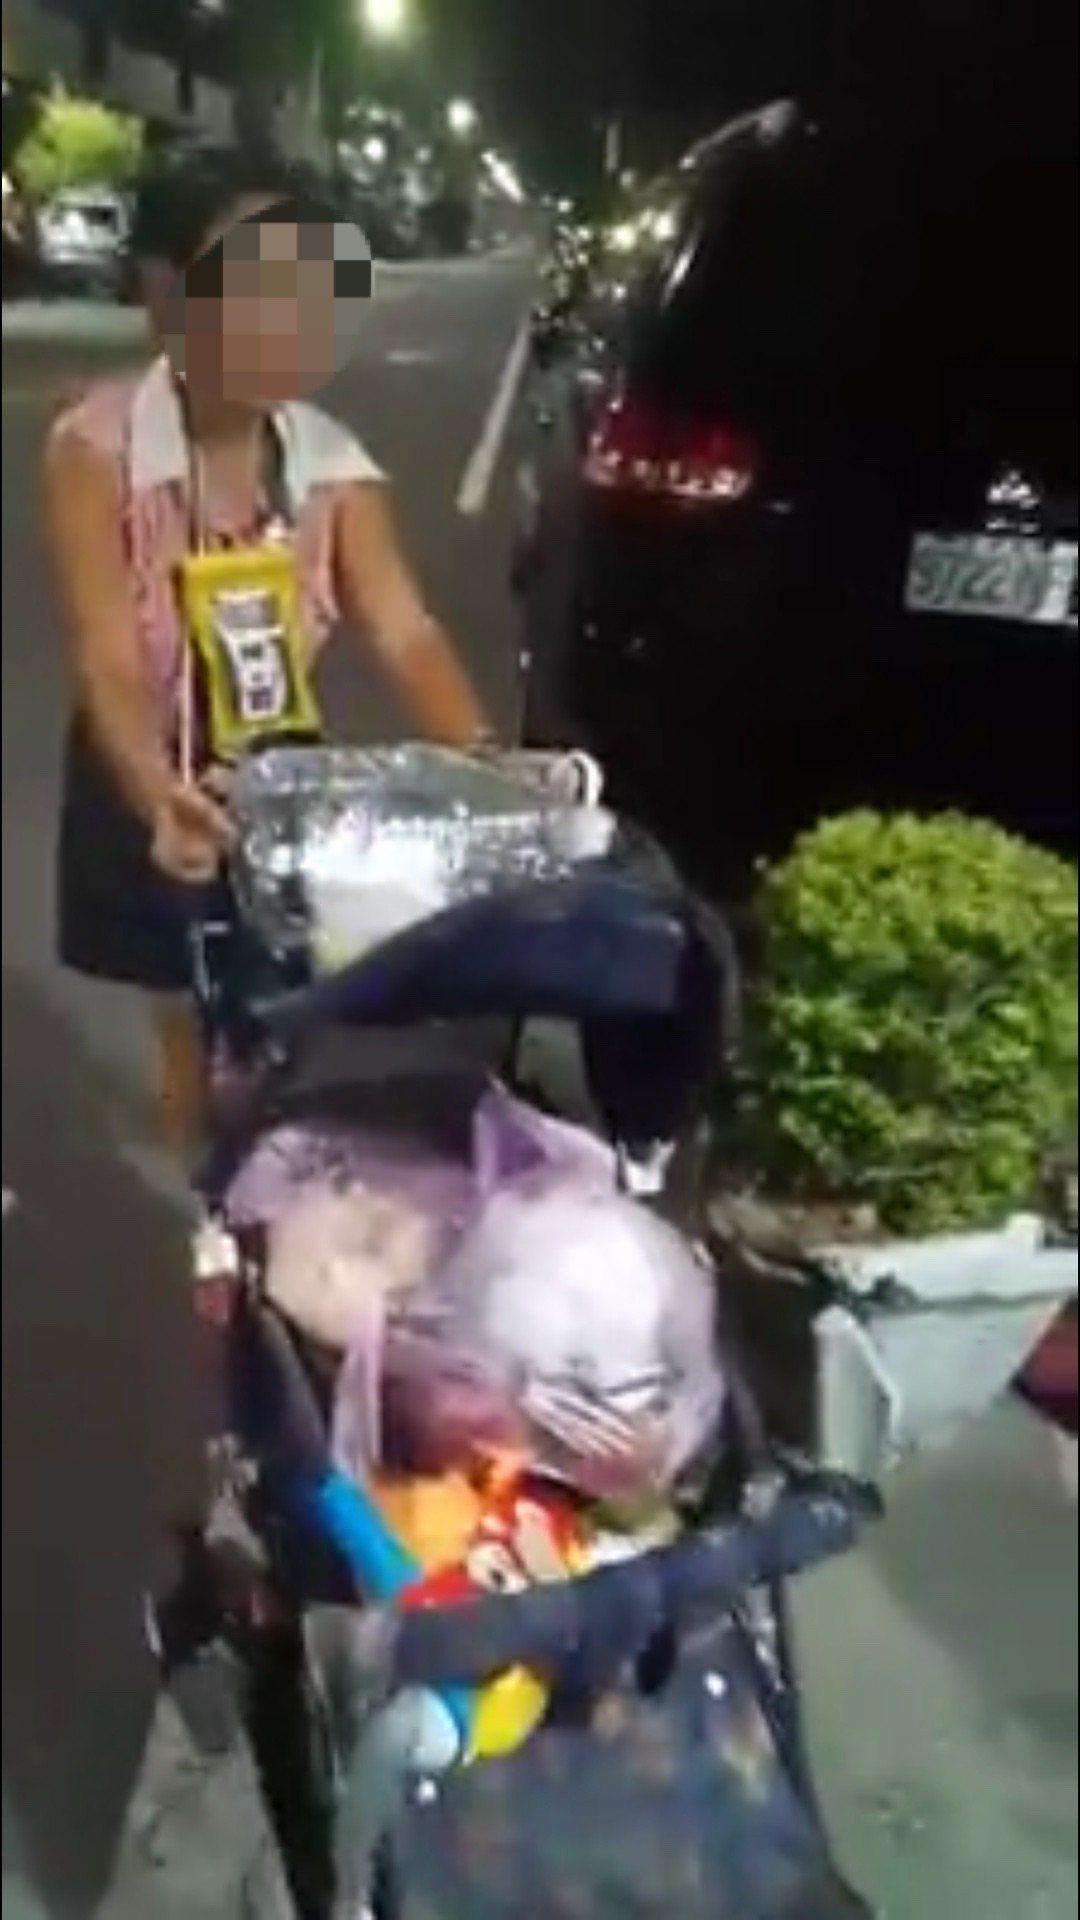 彰化市一名婦人疑似撿垃圾桶爛掉的水果、廚餘給2、3歲的孩子吃,被民眾發現po網,...